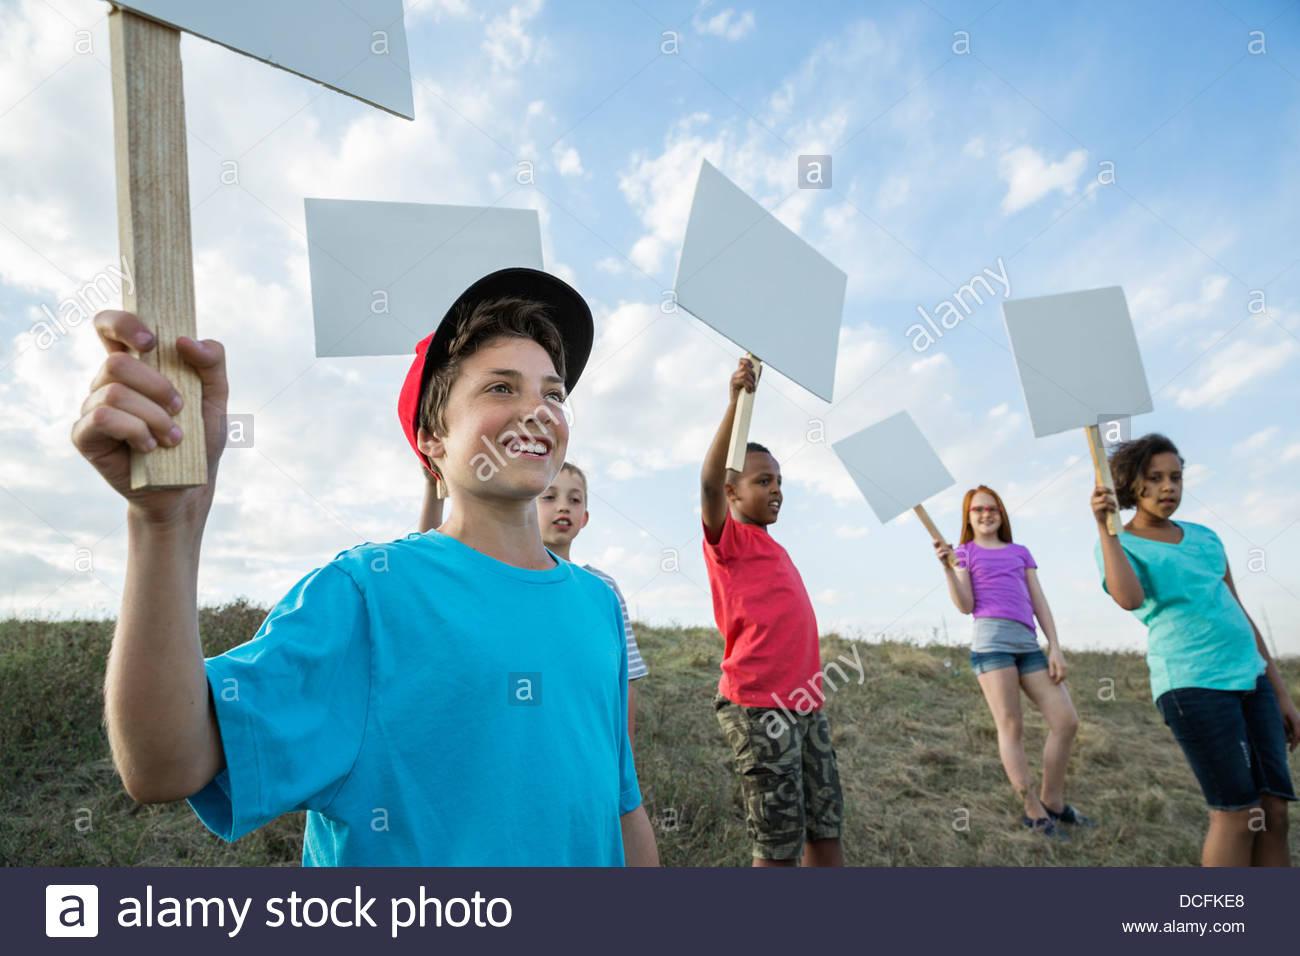 Ragazzo sorridente holding vuoto segno bordo su pendio Immagini Stock